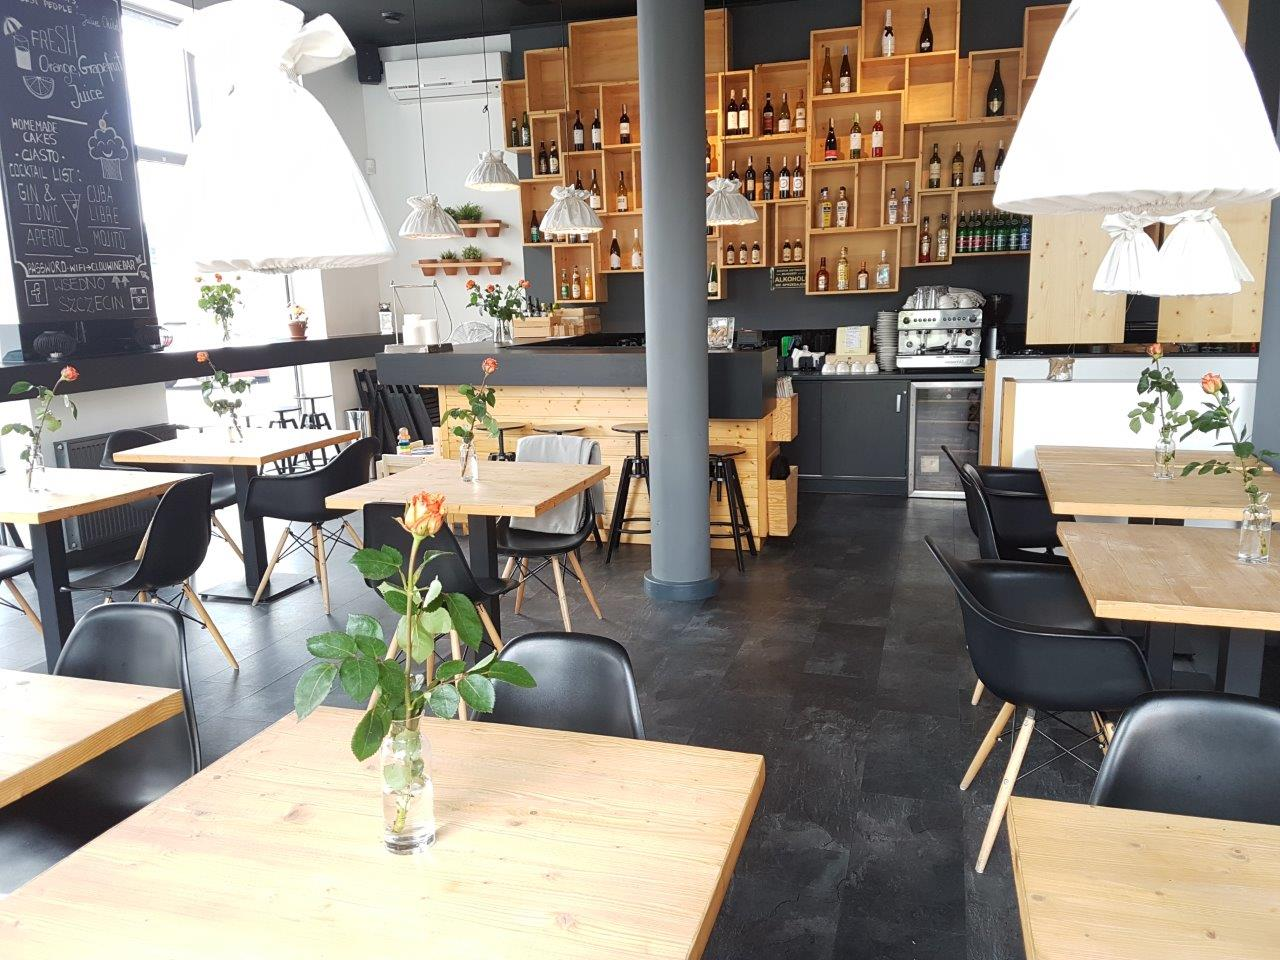 Restauracja W Sedno Miejscawywiadyrecenzje Kuchnia